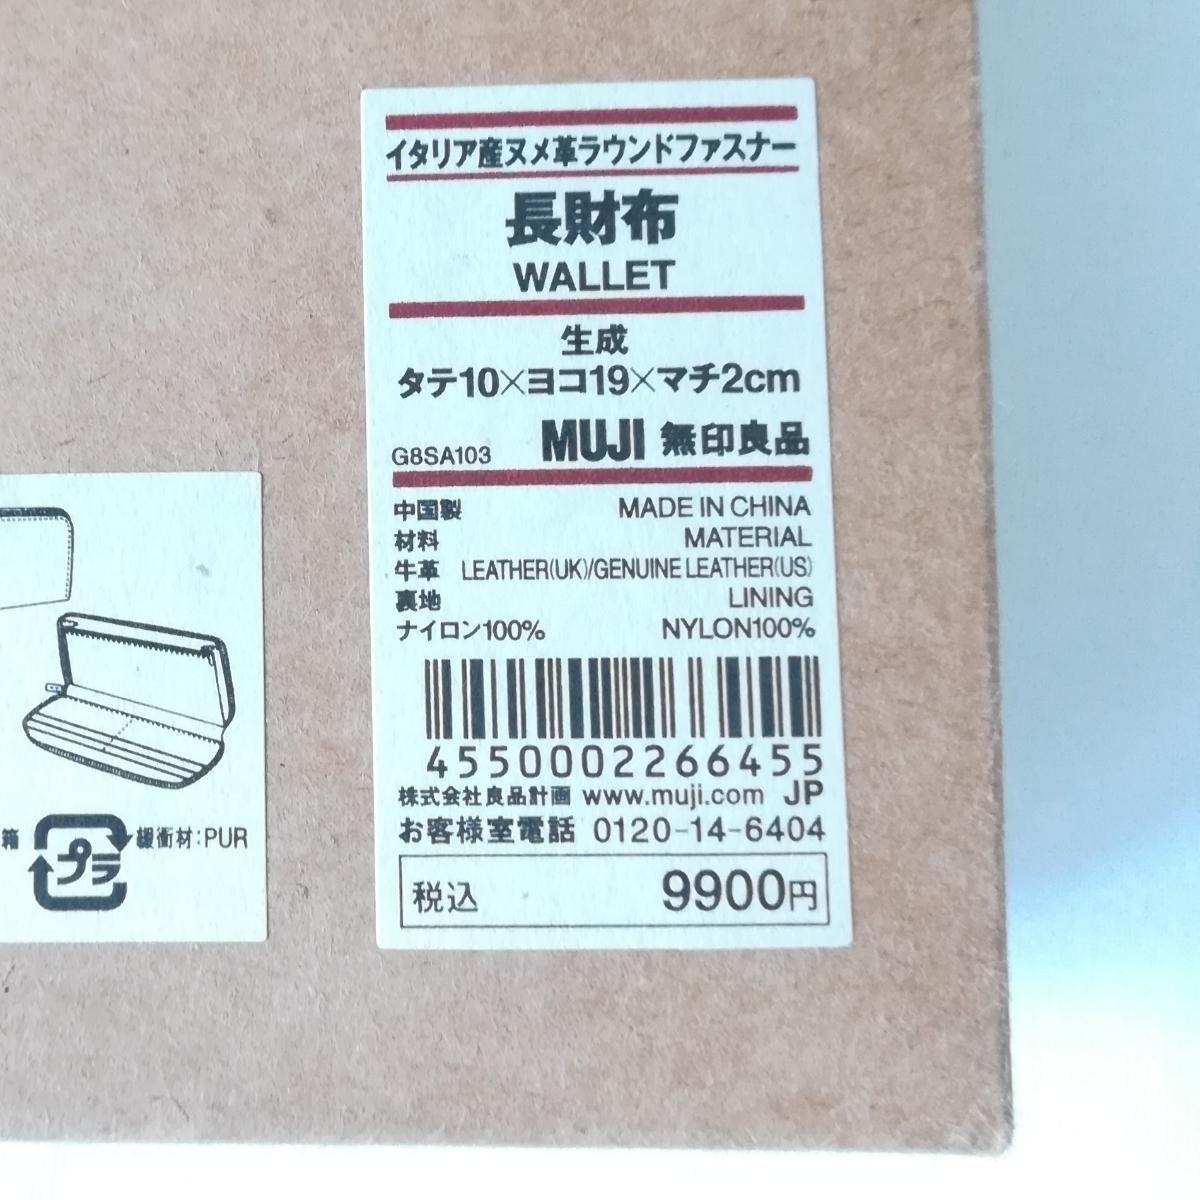 箱◯ 無印良品 新品 イタリア産ヌメ革 ラウンドファスナー 長財布 生成 MUJI_画像4